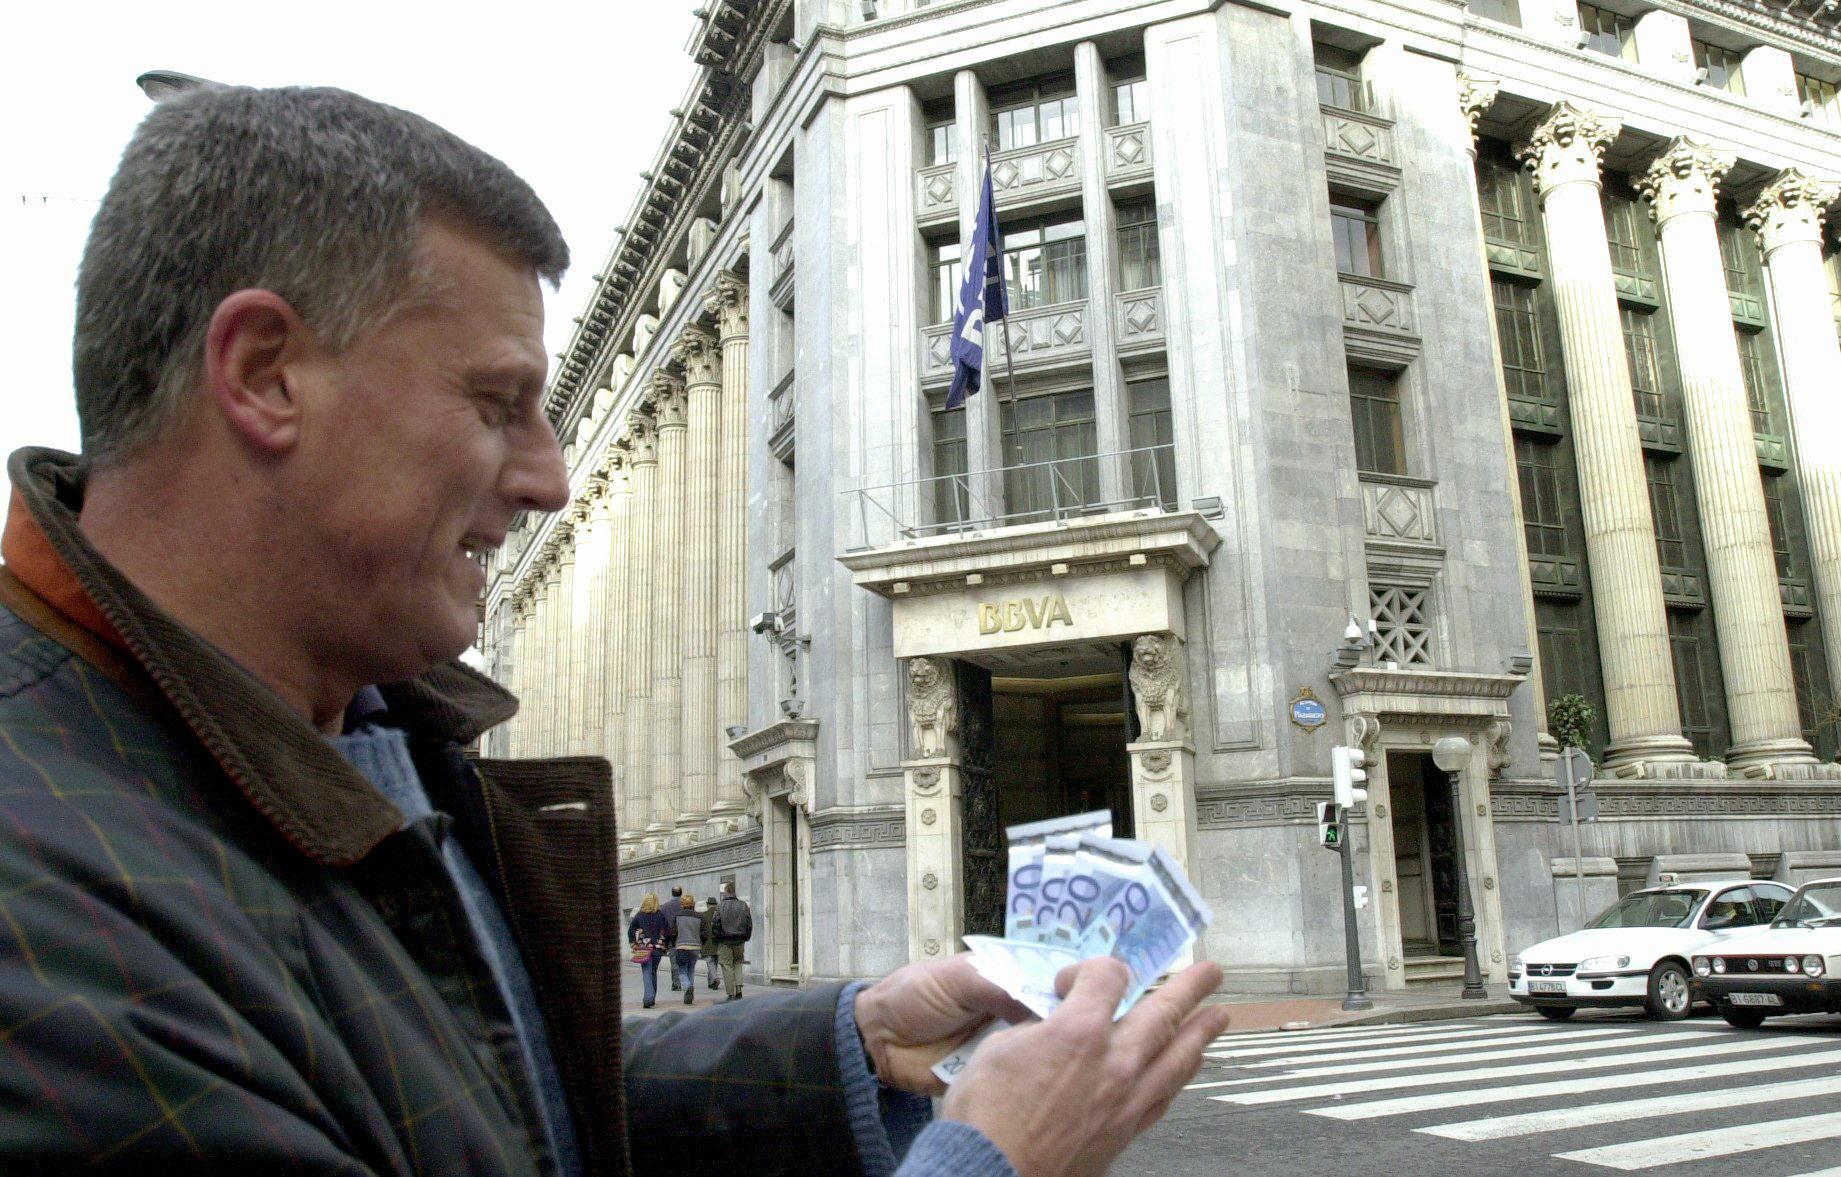 El Banco de España prevé una mejora gradual del crédito en 2014 y 2015